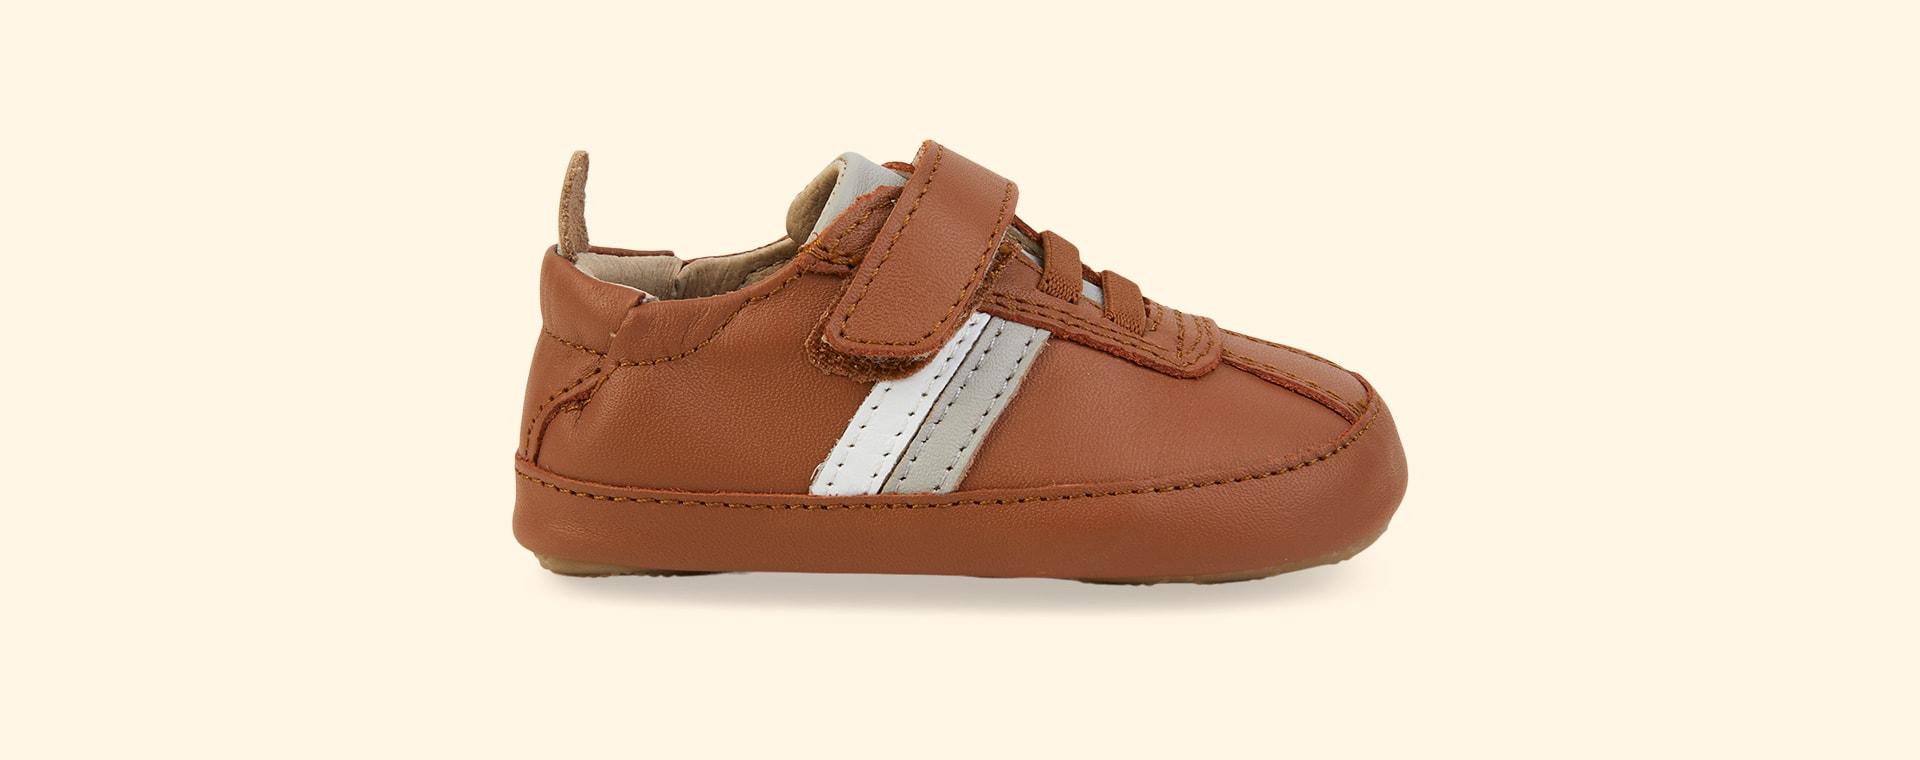 Tan/Snow/Gris old soles Rework Shoe